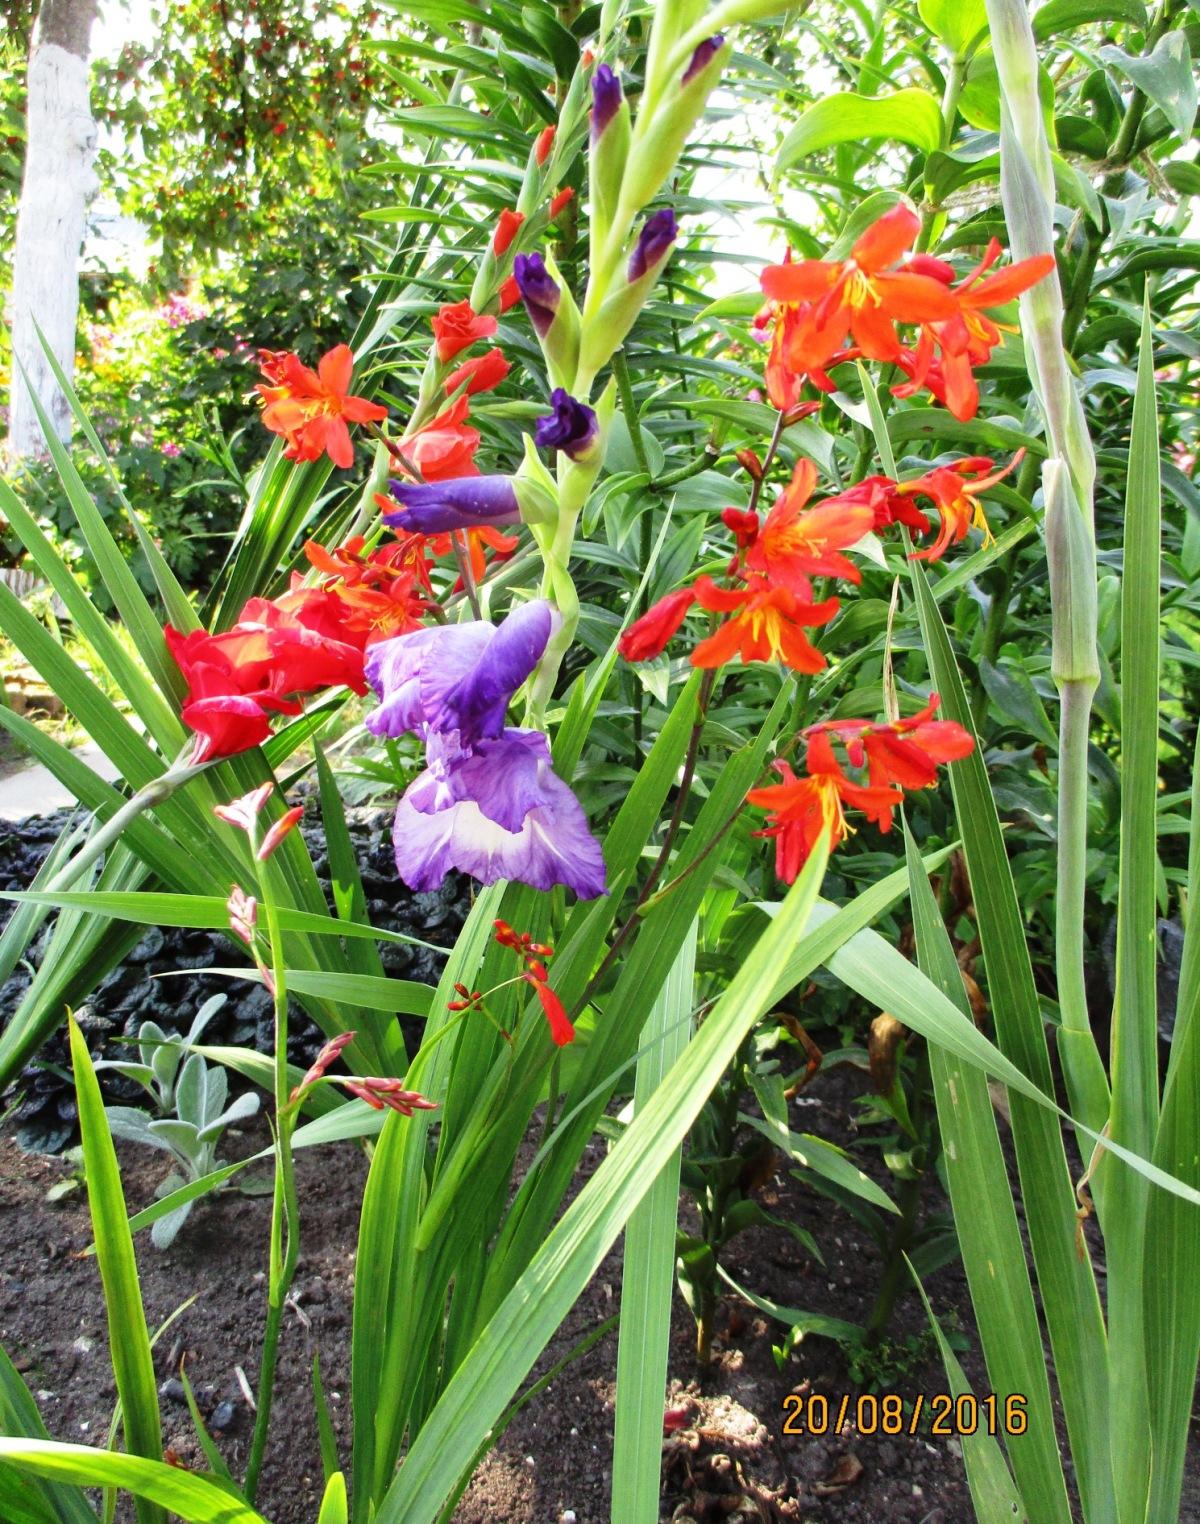 Цветы гладиолусы японский купить в москве, цветов стрекоза